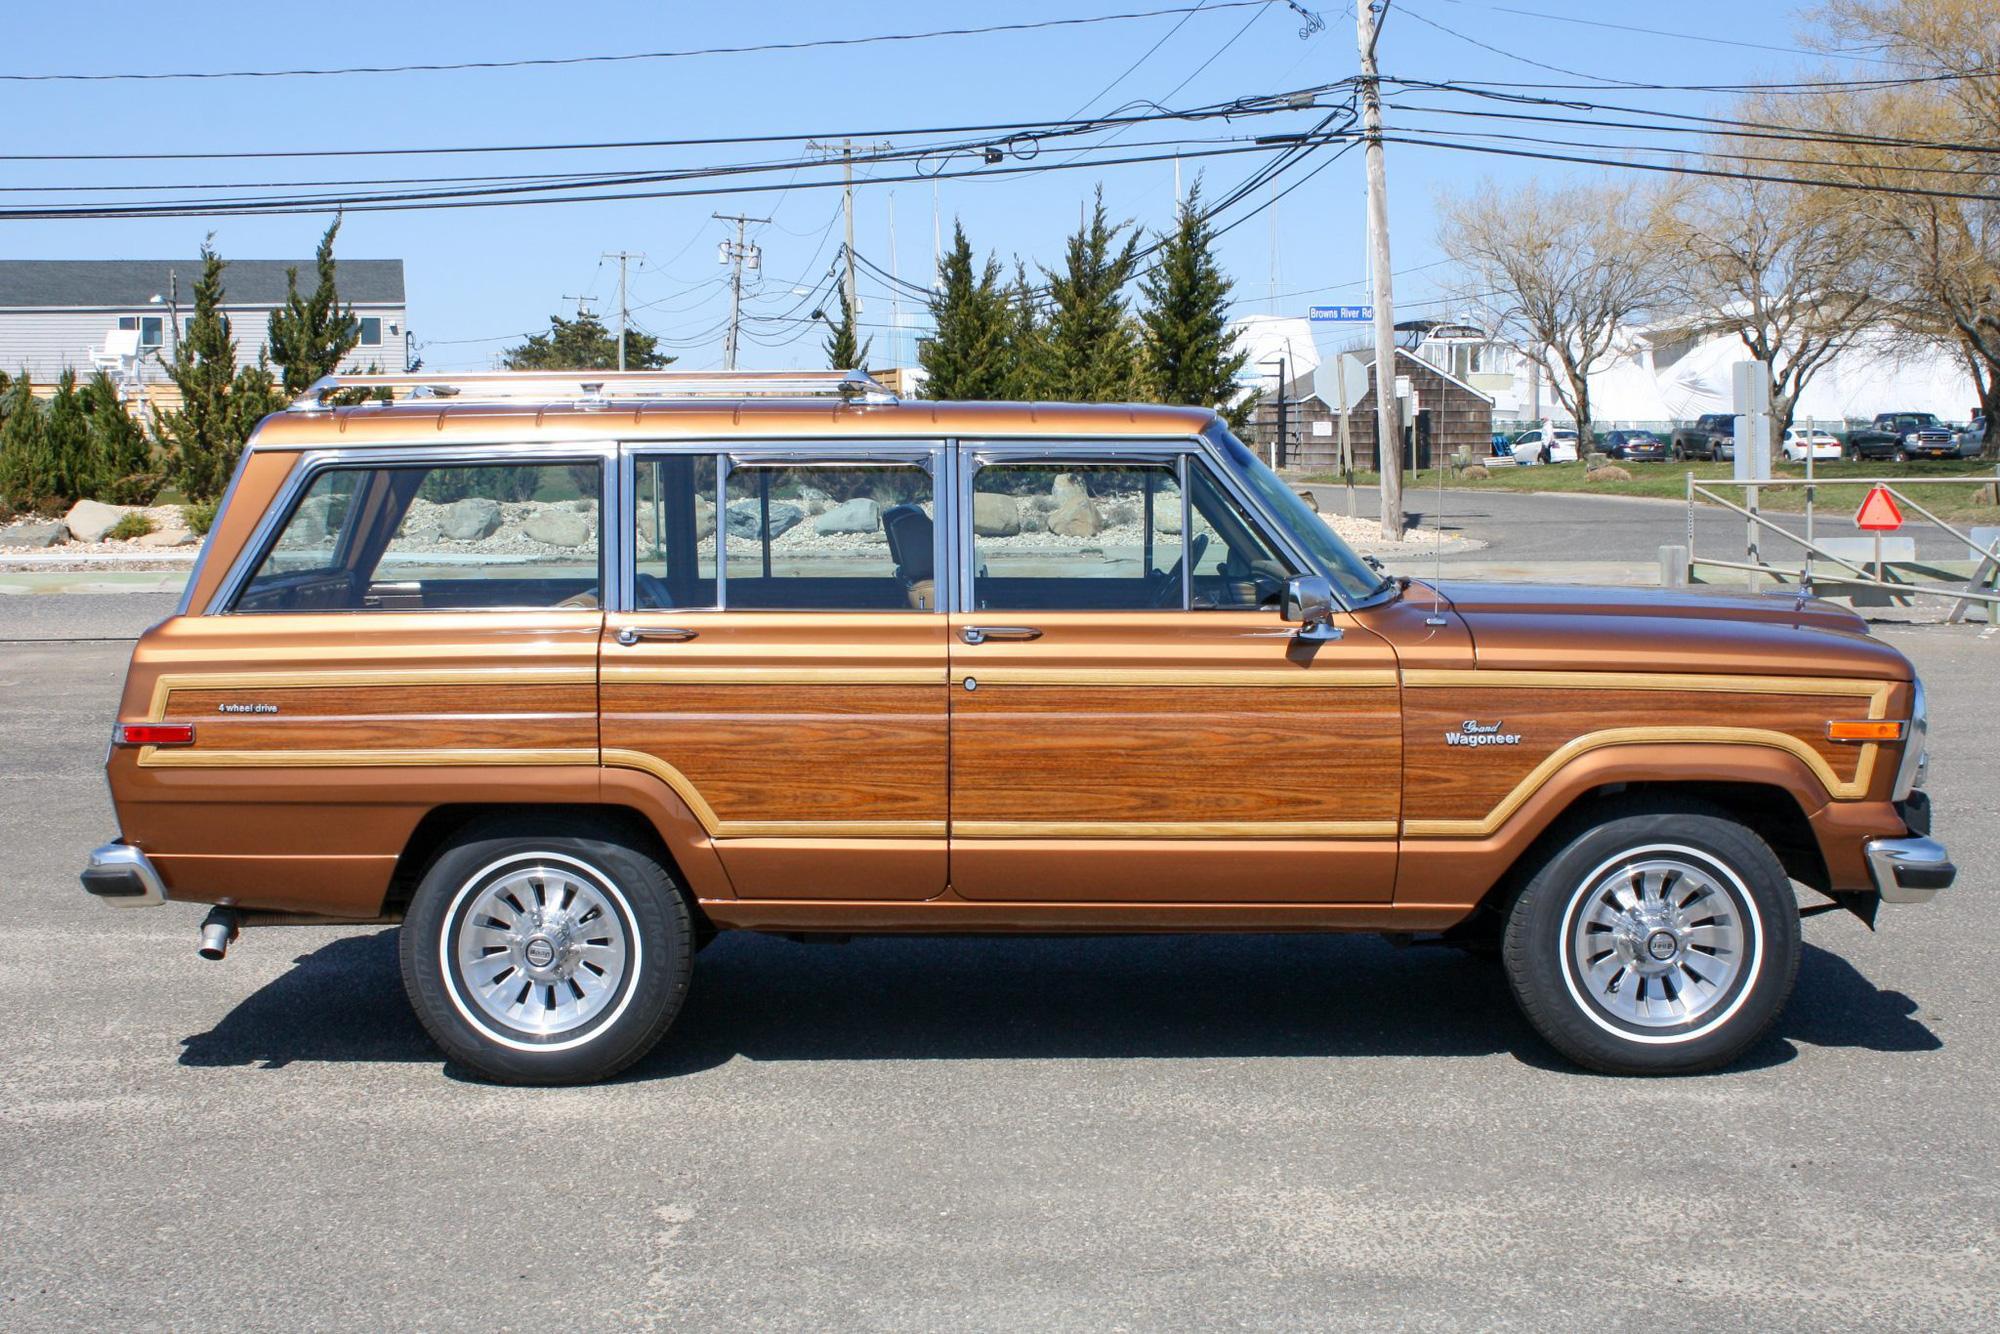 Jeep vừa hồi sinh dòng Wagoneer ốp gỗ cổ điển sau 30 năm - Ảnh 3.